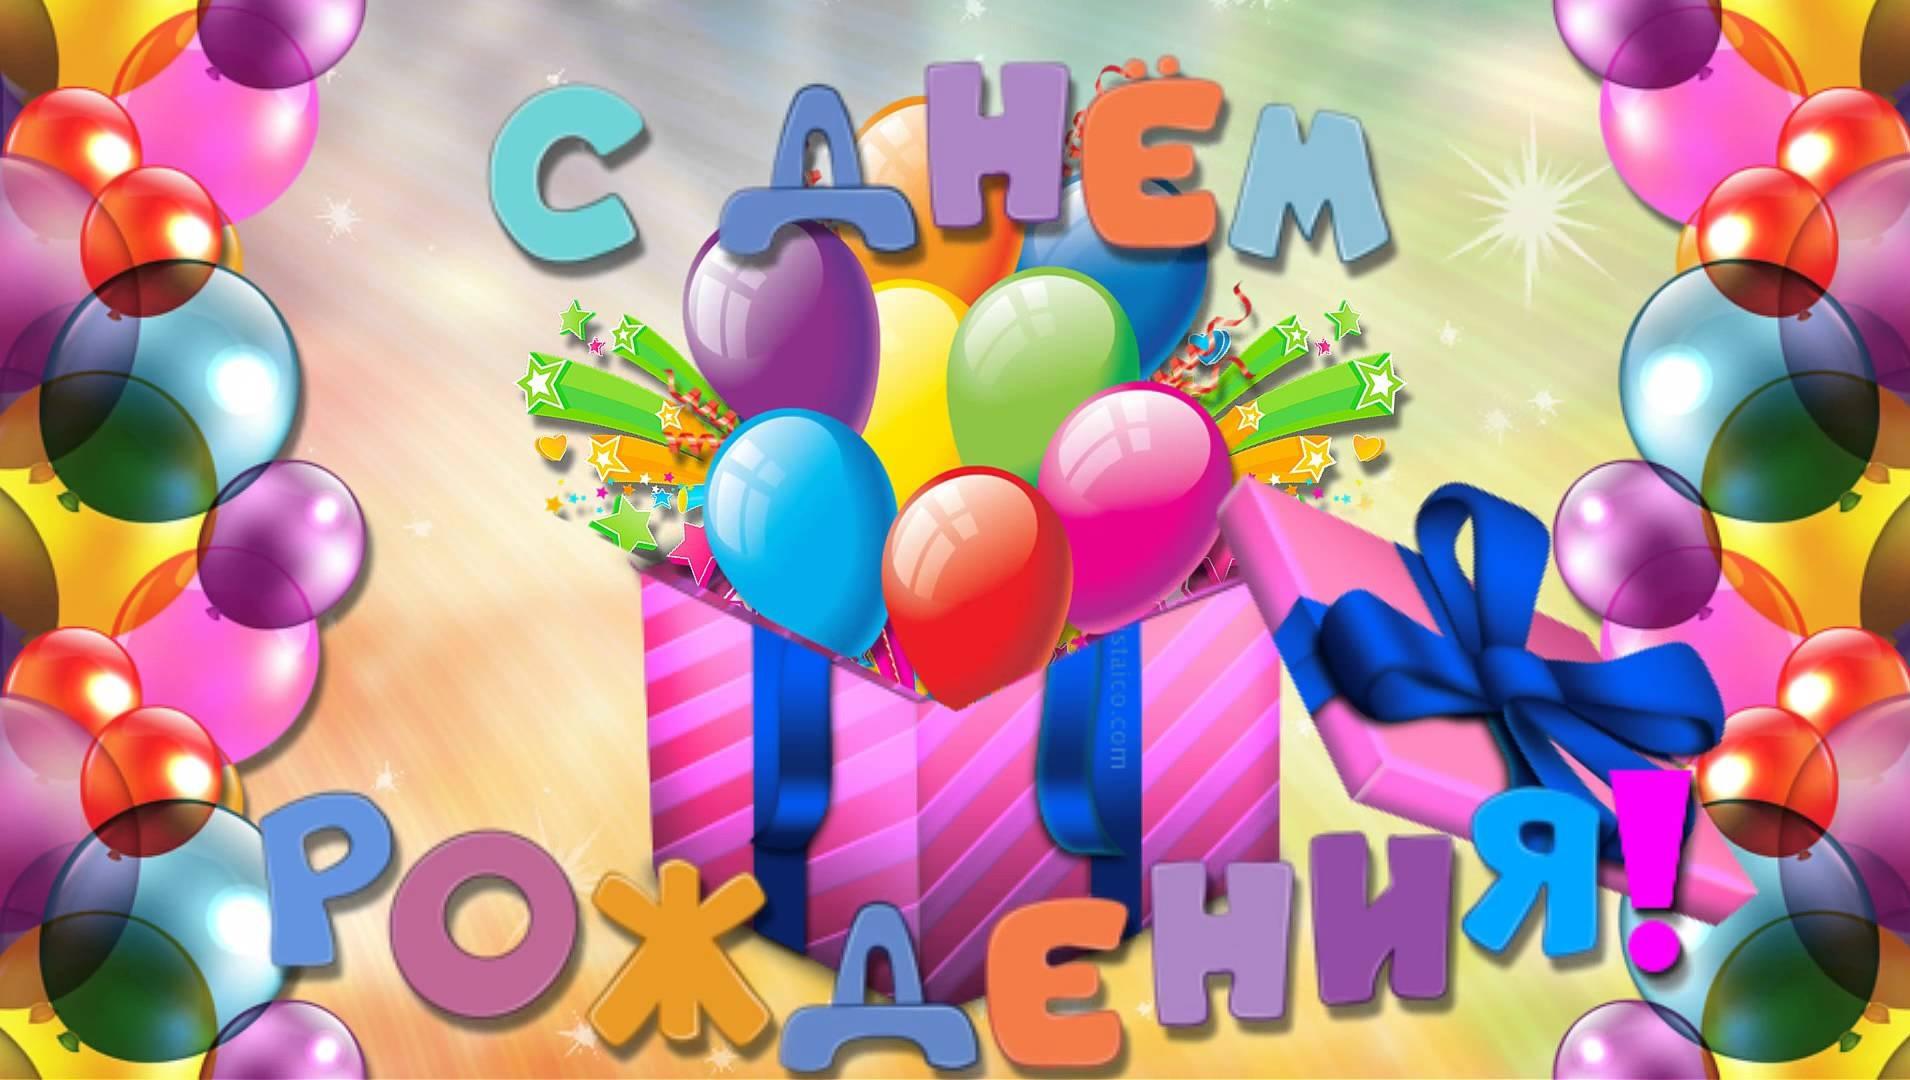 Открытка для ребенка с днем рождения для мальчика